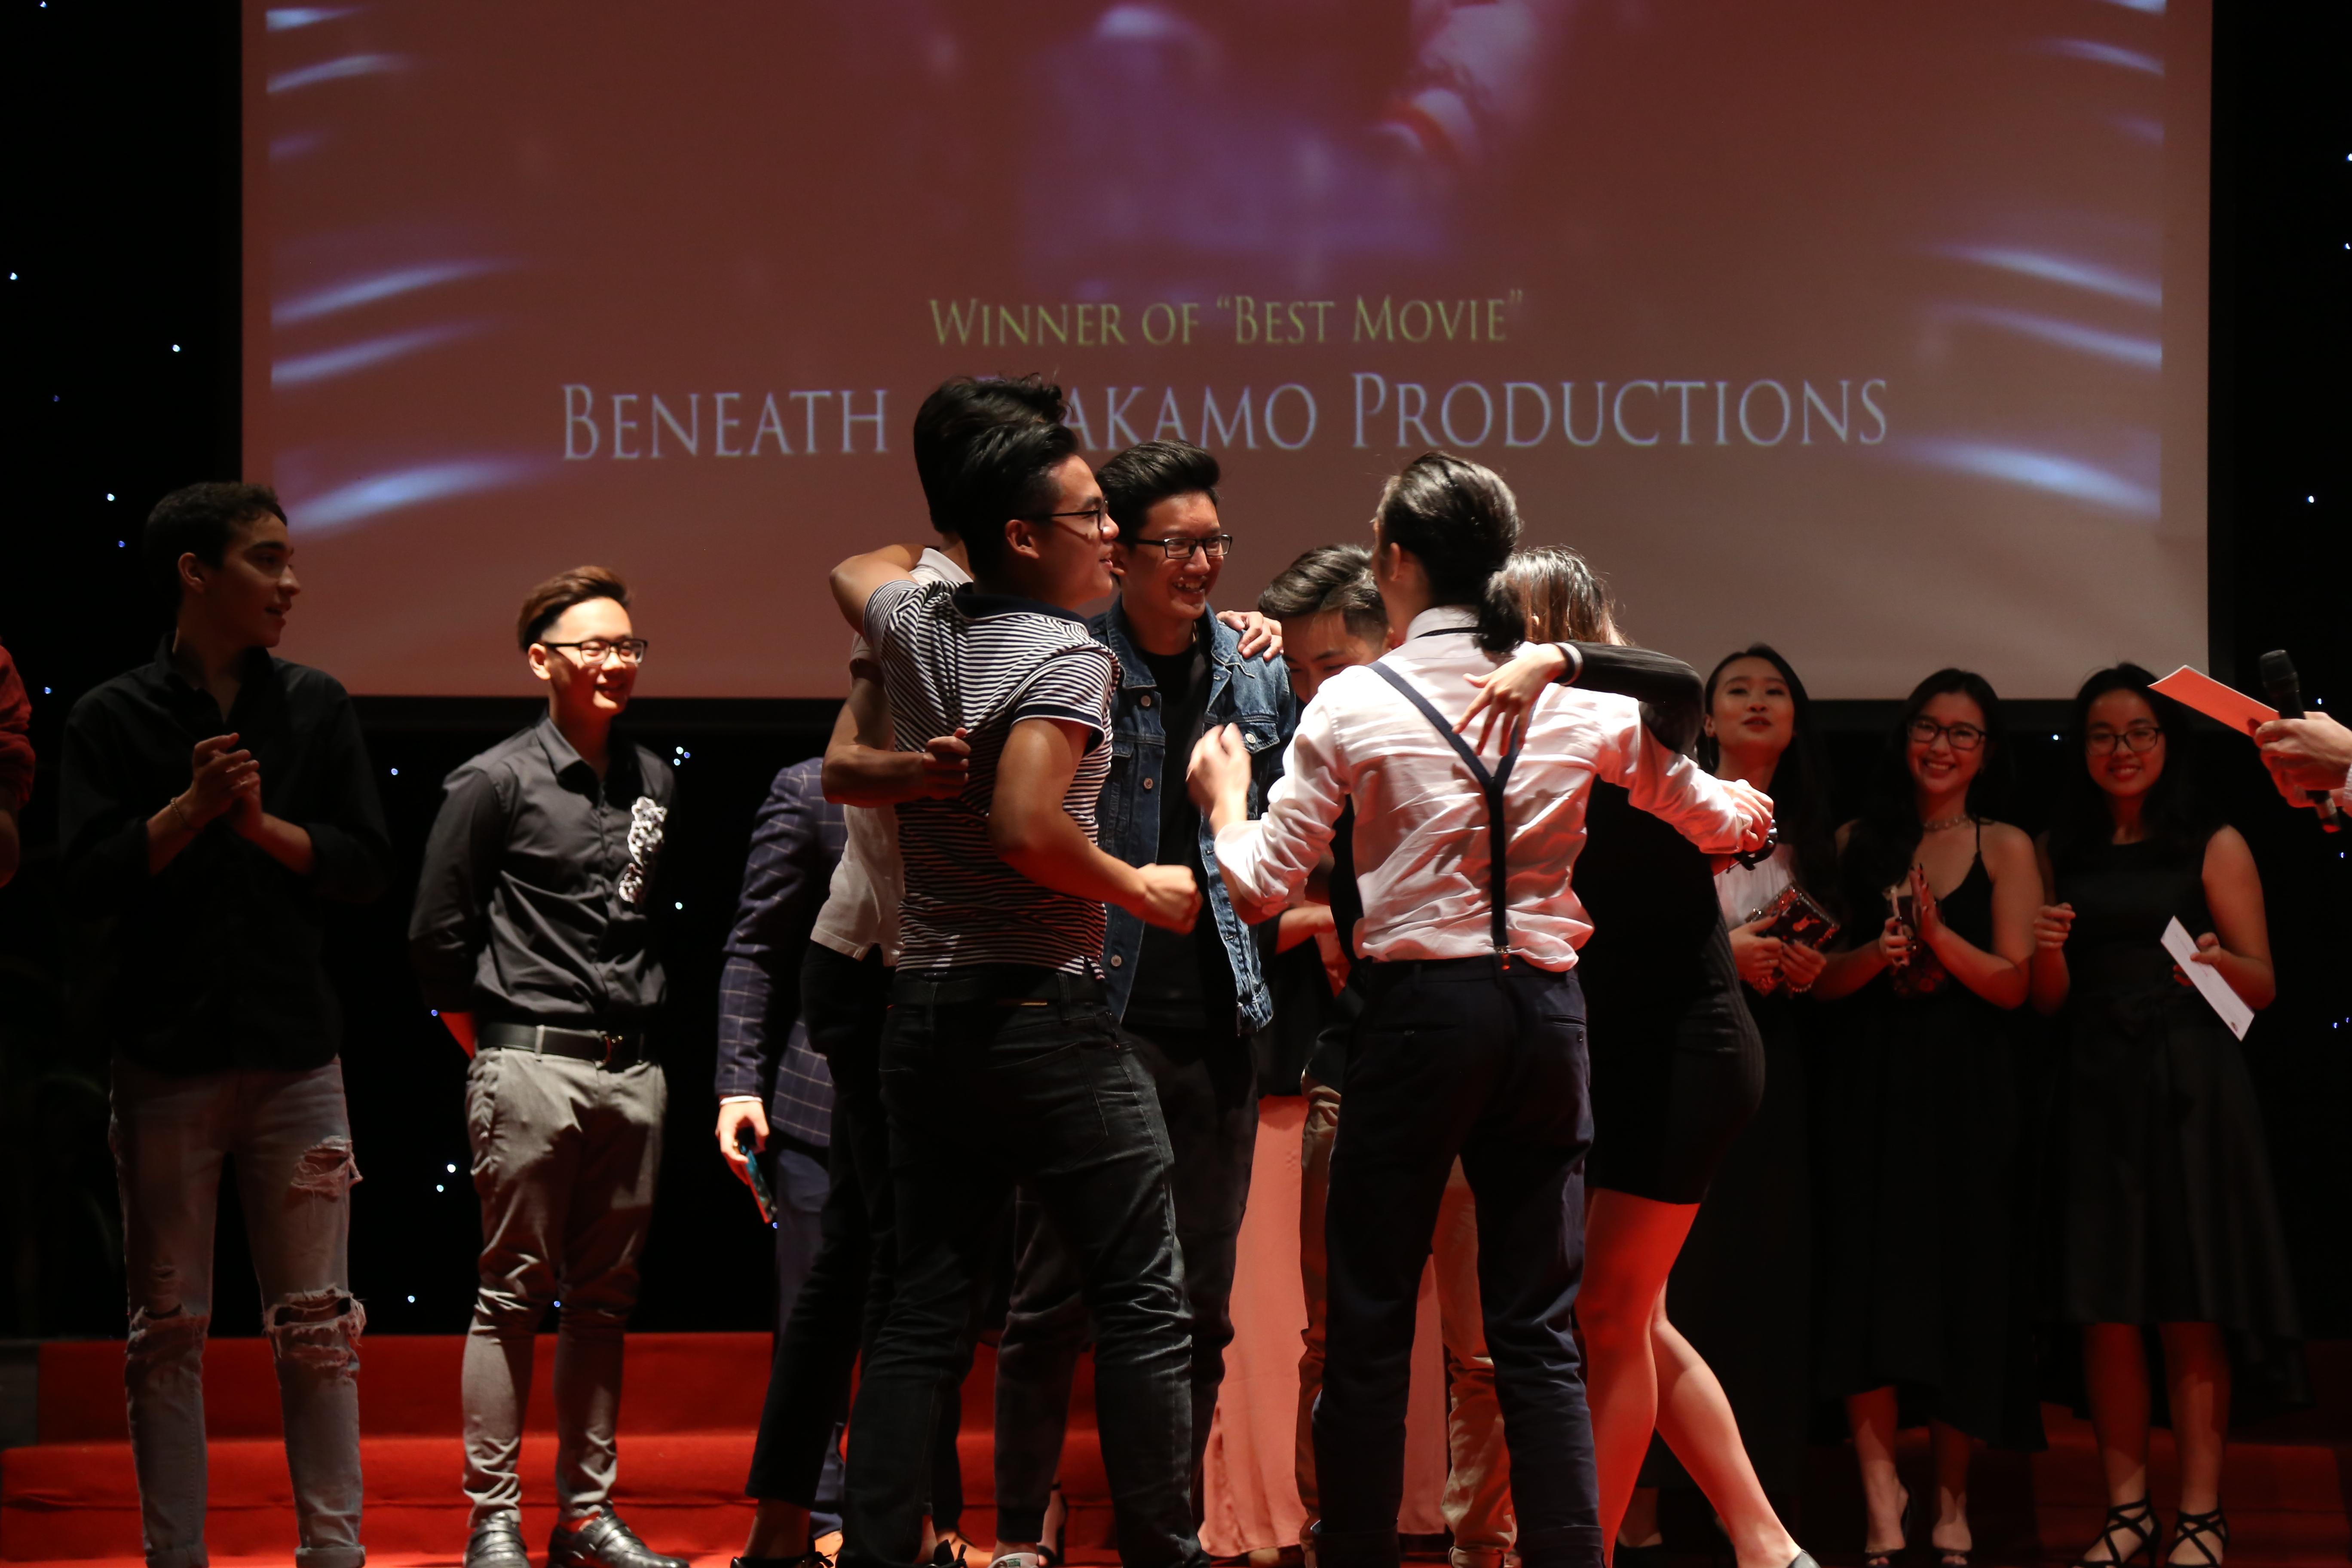 Đã tìm ra đoàn làm phim học sinh chiến thắng trong Olympia Film Festival 2017 - Ảnh 8.